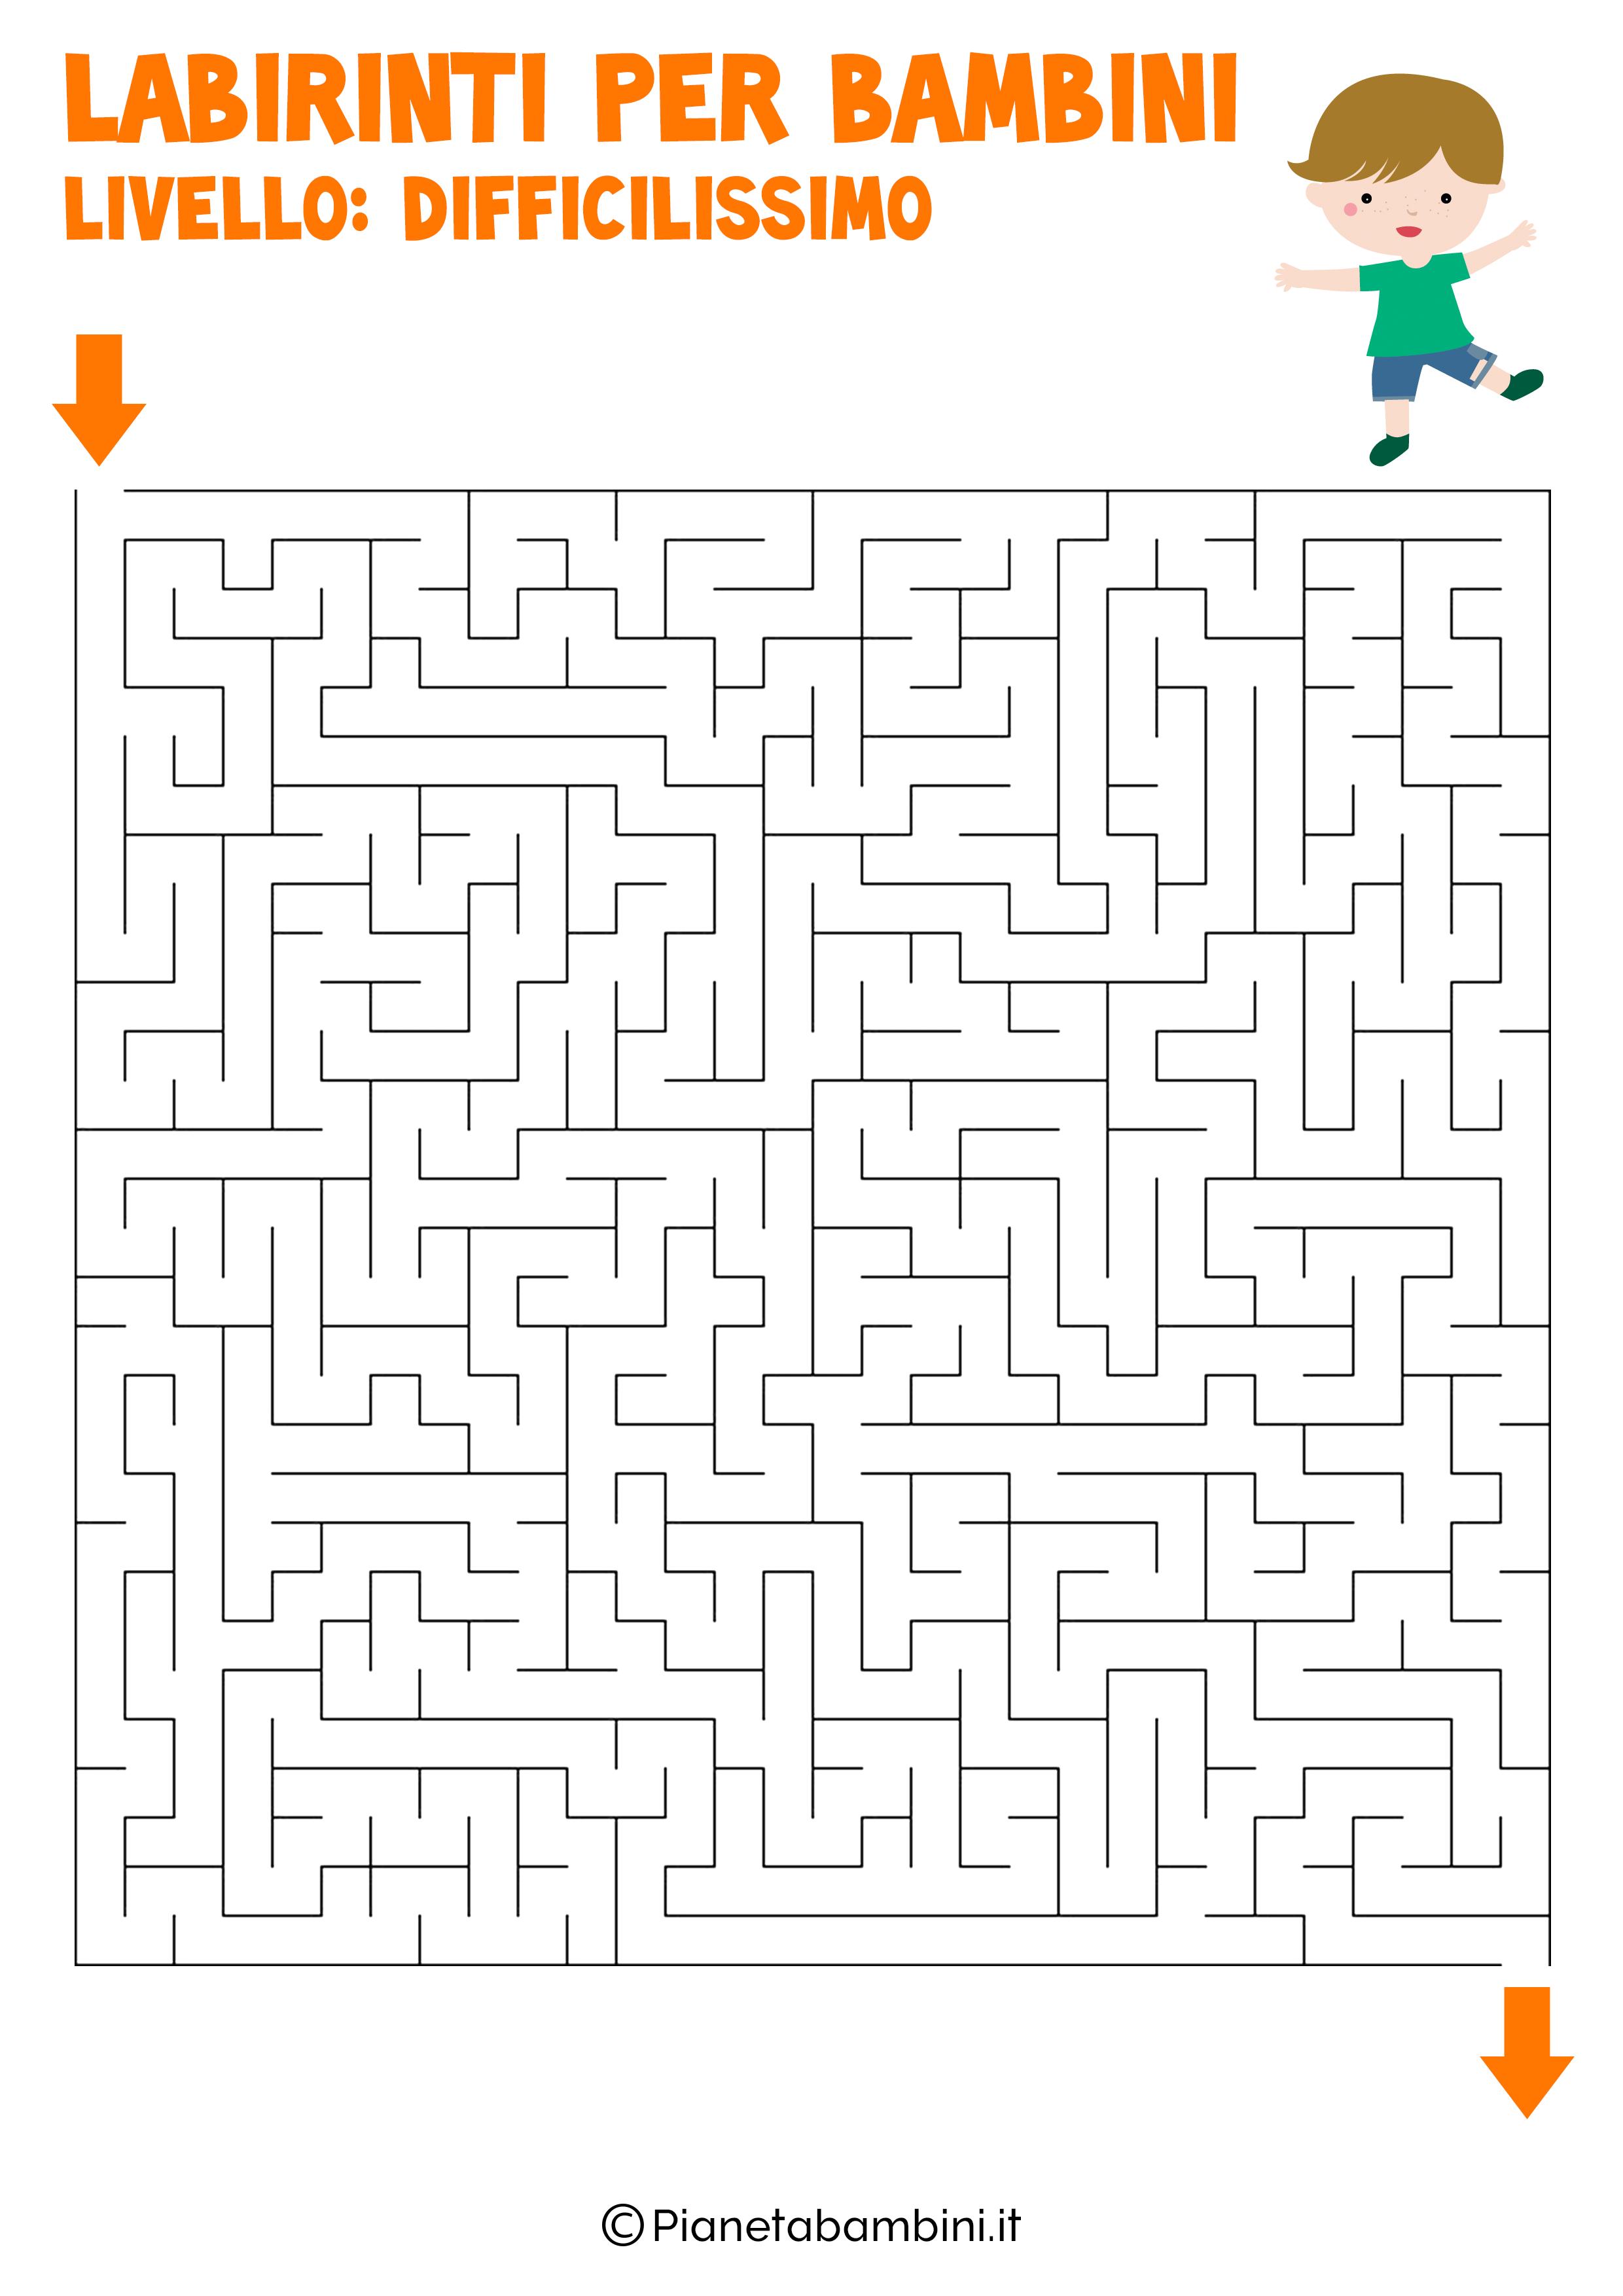 Labirinto difficilissimo per bambini numero 4